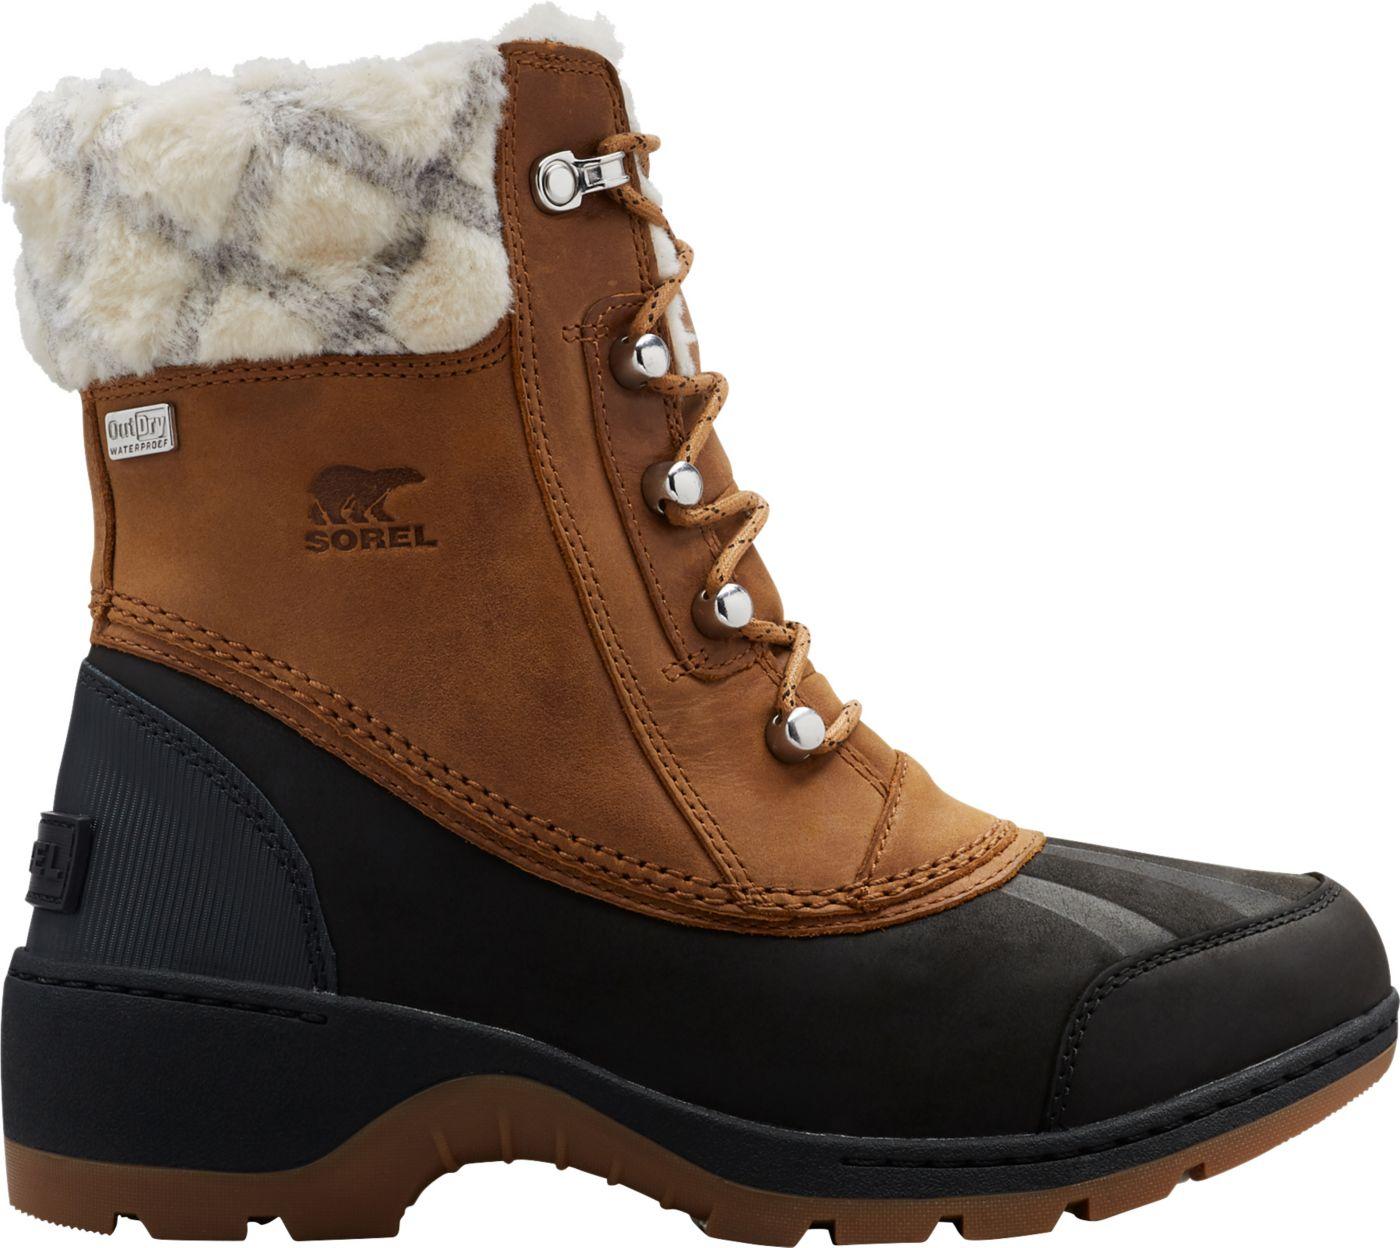 Sorel Women's Whistler Mid 200g Boots